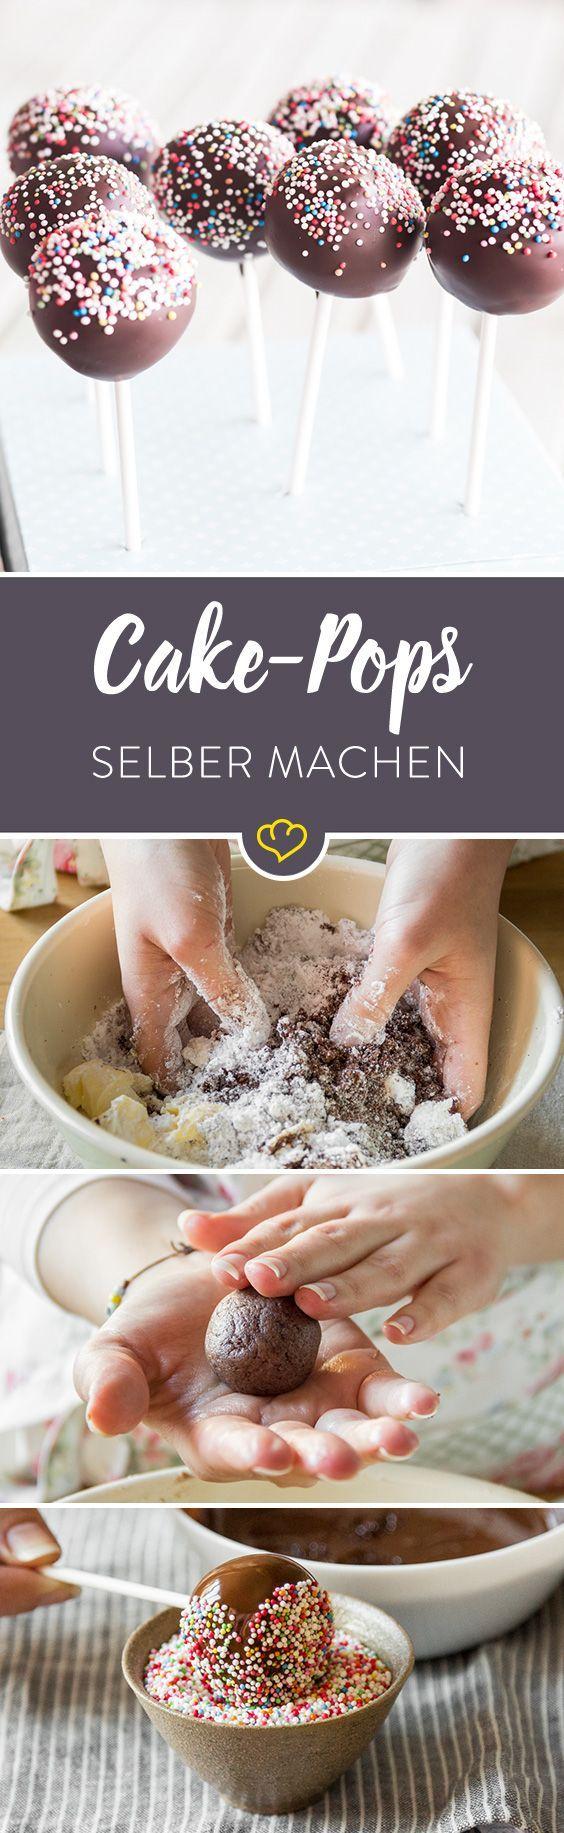 Cake Pops selber machen - wie man sie groß macht   - Mama ist die Beste! Ideen zum Muttertag -